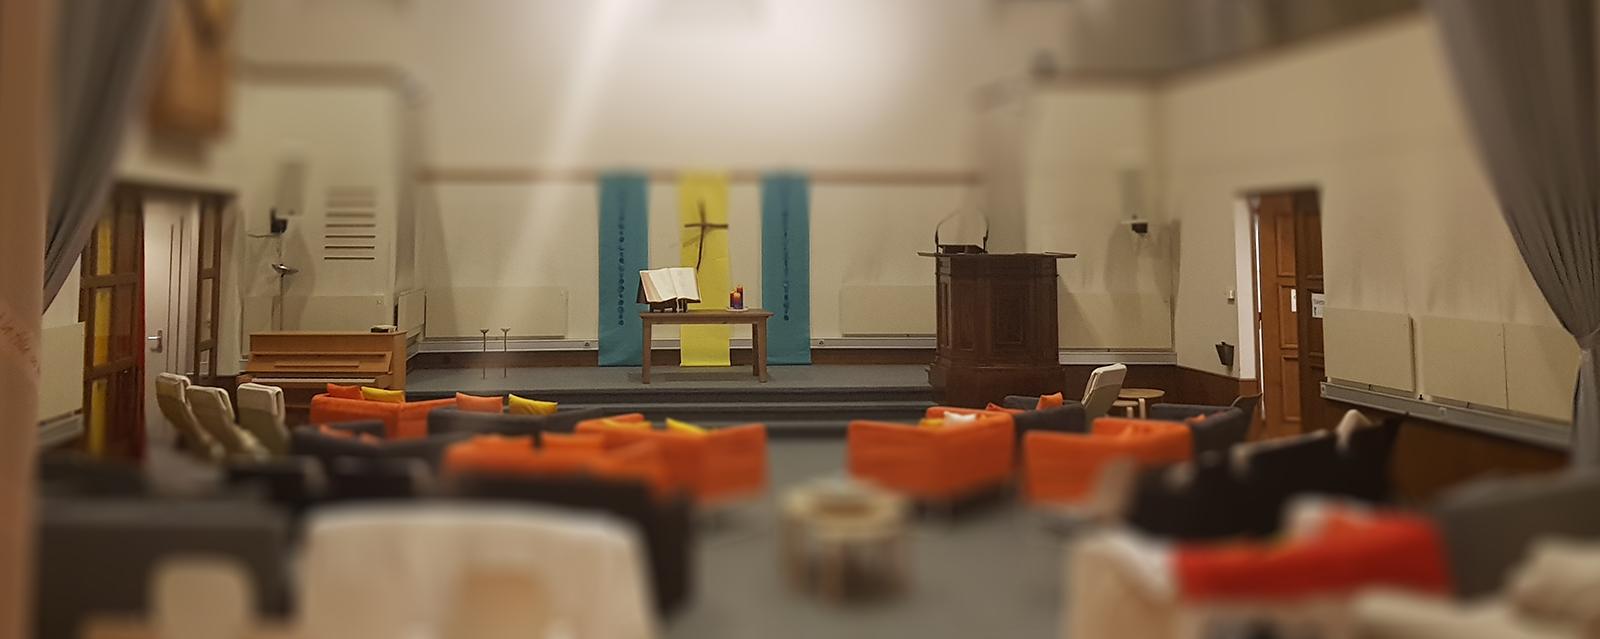 Espace de spiritualité chrétienne